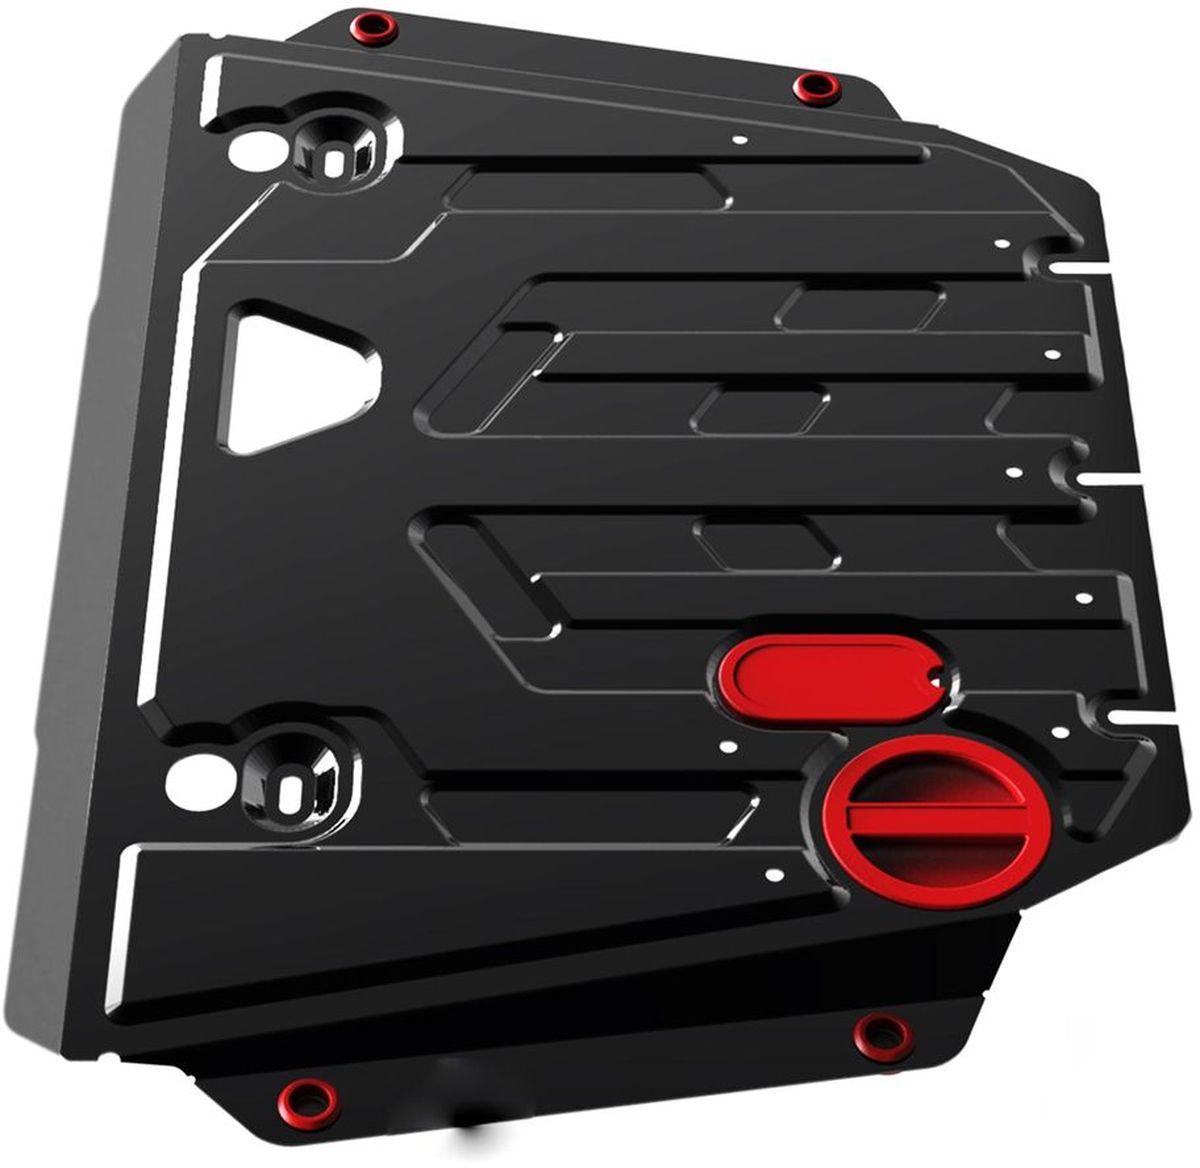 Защита картера и КПП Автоброня, для Citroen Berlingo/Citroen Xsara/Peugeot 306/Partner/Renault Kangoo/Daewoo Орион М198298130Технологически совершенный продукт за невысокую стоимость.Защита разработана с учетом особенностей днища автомобиля, что позволяет сохранить дорожный просвет с минимальным изменением.Защита устанавливается в штатные места кузова автомобиля. Глубокий штамп обеспечивает до двух раз больше жесткости в сравнении с обычной защитой той же толщины. Проштампованные ребра жесткости препятствуют деформации защиты при ударах.Тепловой зазор и вентиляционные отверстия обеспечивают сохранение температурного режима двигателя в норме. Скрытый крепеж предотвращает срыв крепежных элементов при наезде на препятствие.Шумопоглощающие резиновые элементы обеспечивают комфортную езду без вибраций и скрежета металла, а съемные лючки для слива масла и замены фильтра - экономию средств и время.Конструкция изделия не влияет на пассивную безопасность автомобиля (при ударе защита не воздействует на деформационные зоны кузова). Со штатным крепежом. В комплекте инструкция по установке.Толщина стали: 2 мм.Уважаемые клиенты!Обращаем ваше внимание, что элемент защиты имеет форму, соответствующую модели данного автомобиля. Фото служит для визуального восприятия товара и может отличаться от фактического.